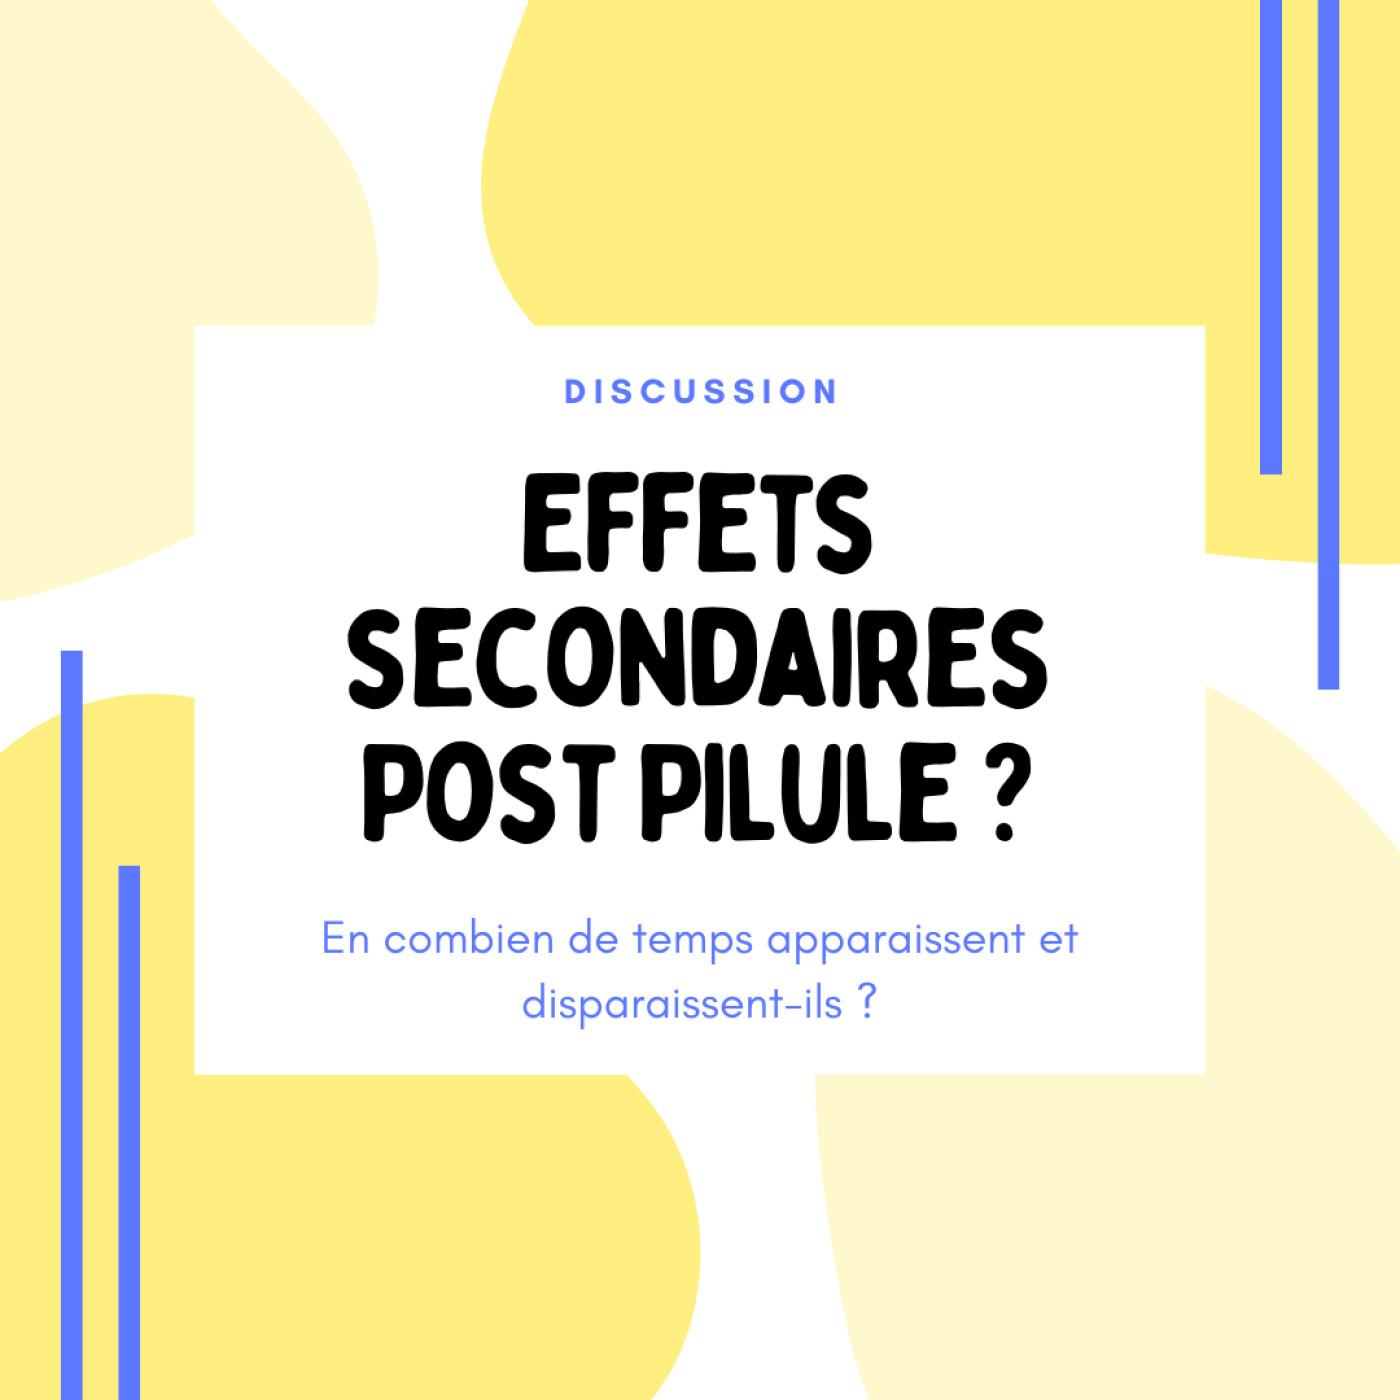 Effets secondaires post Pilule : en combien de temps disparaissent-ils ?